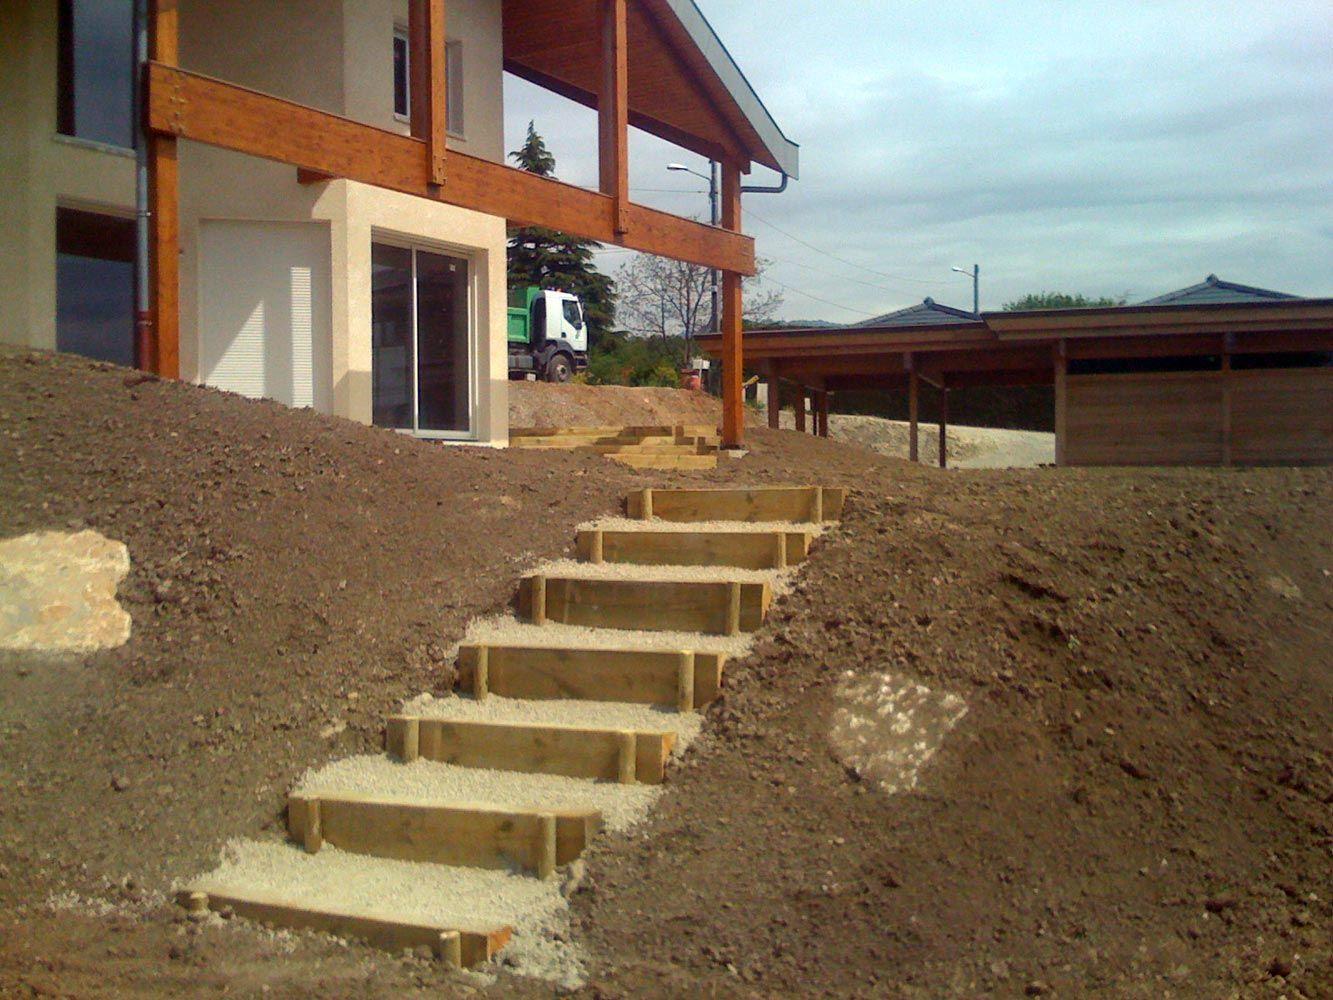 escalier exterieur dans talus